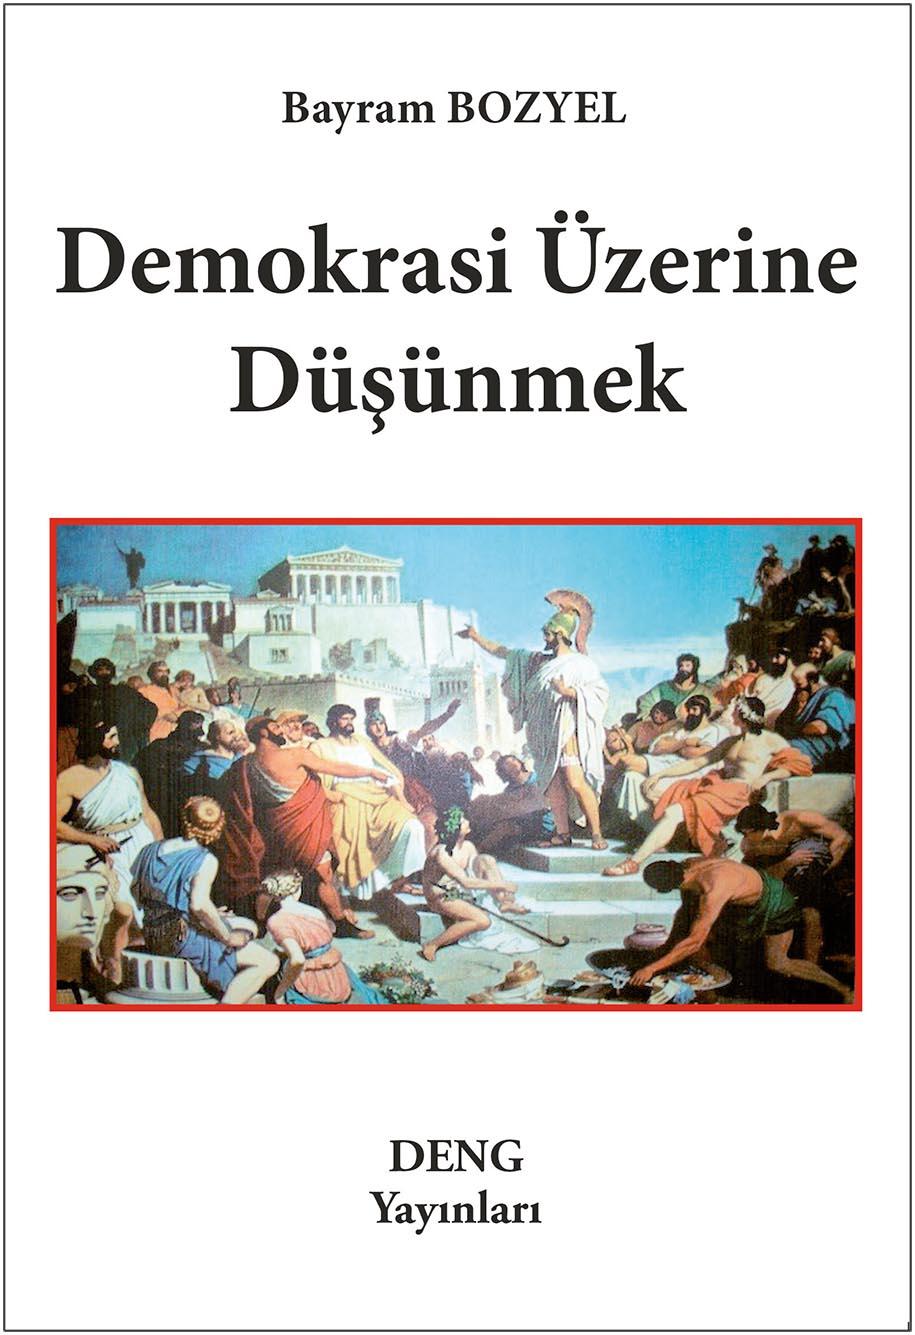 Demokrasi Üzerine Düşünmek Kitap Resmi